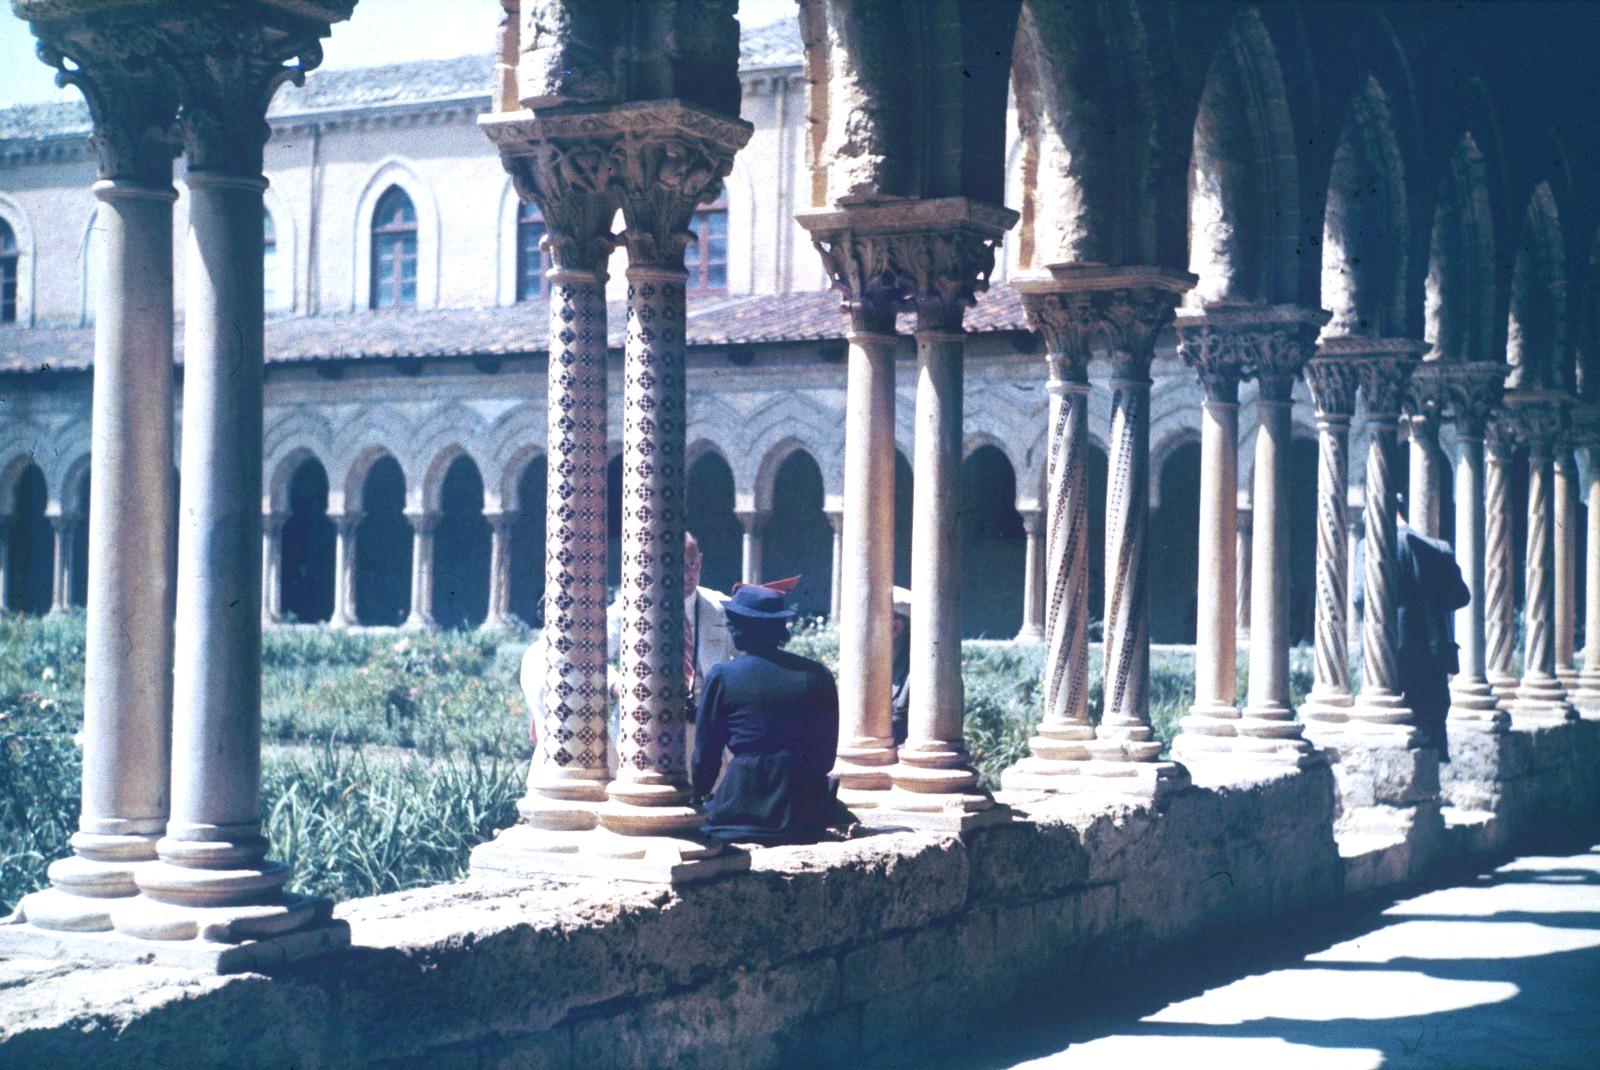 Палермо. Пригород Монреале. Клуатр (внутренний двор) некогда существовавшего бенедиктинского монастыря. Восточная колоннада клуатра